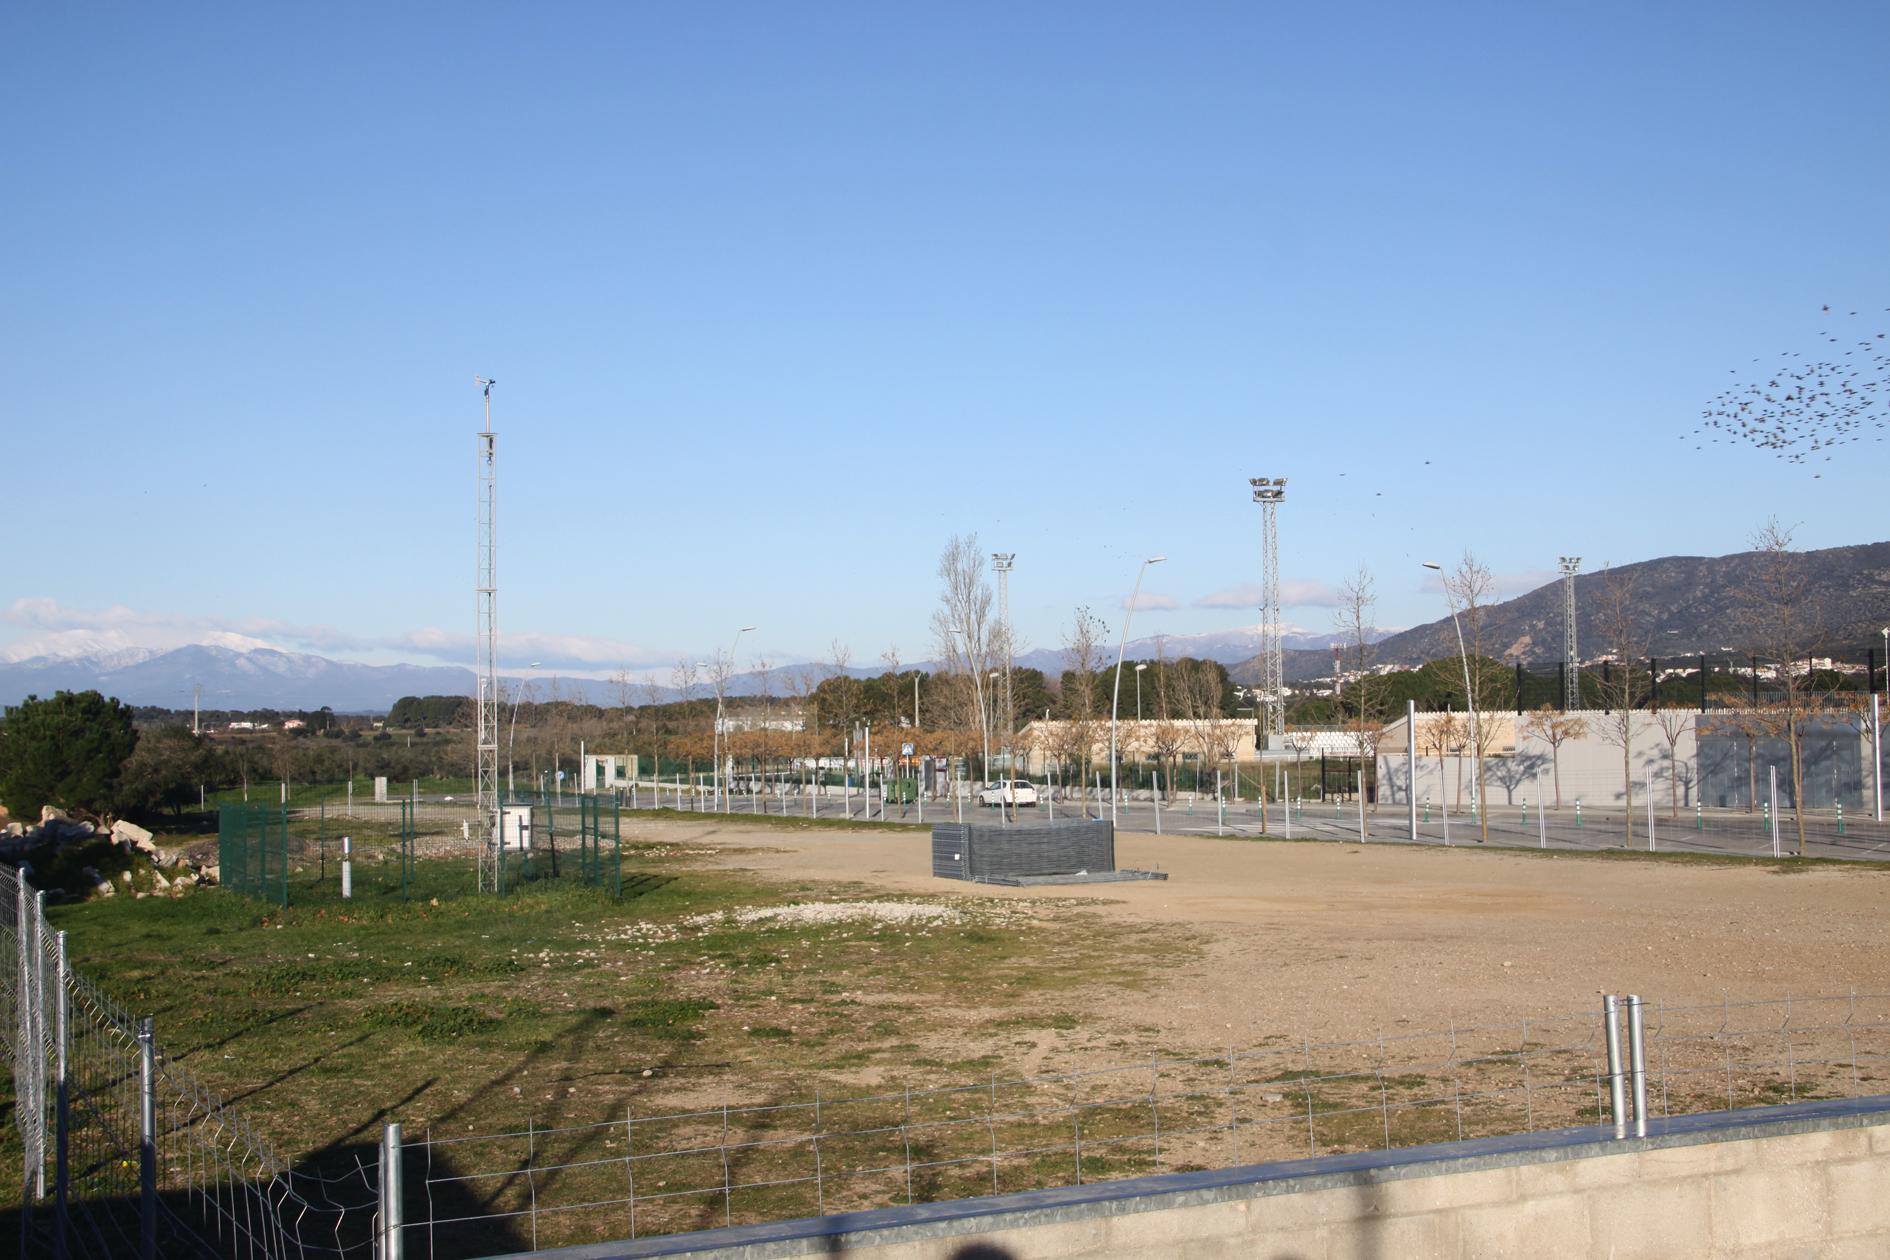 Roses tindrà una nova pista de bàsquet, 10 pistes de petanca i la reconversió d'una pista de patinatge